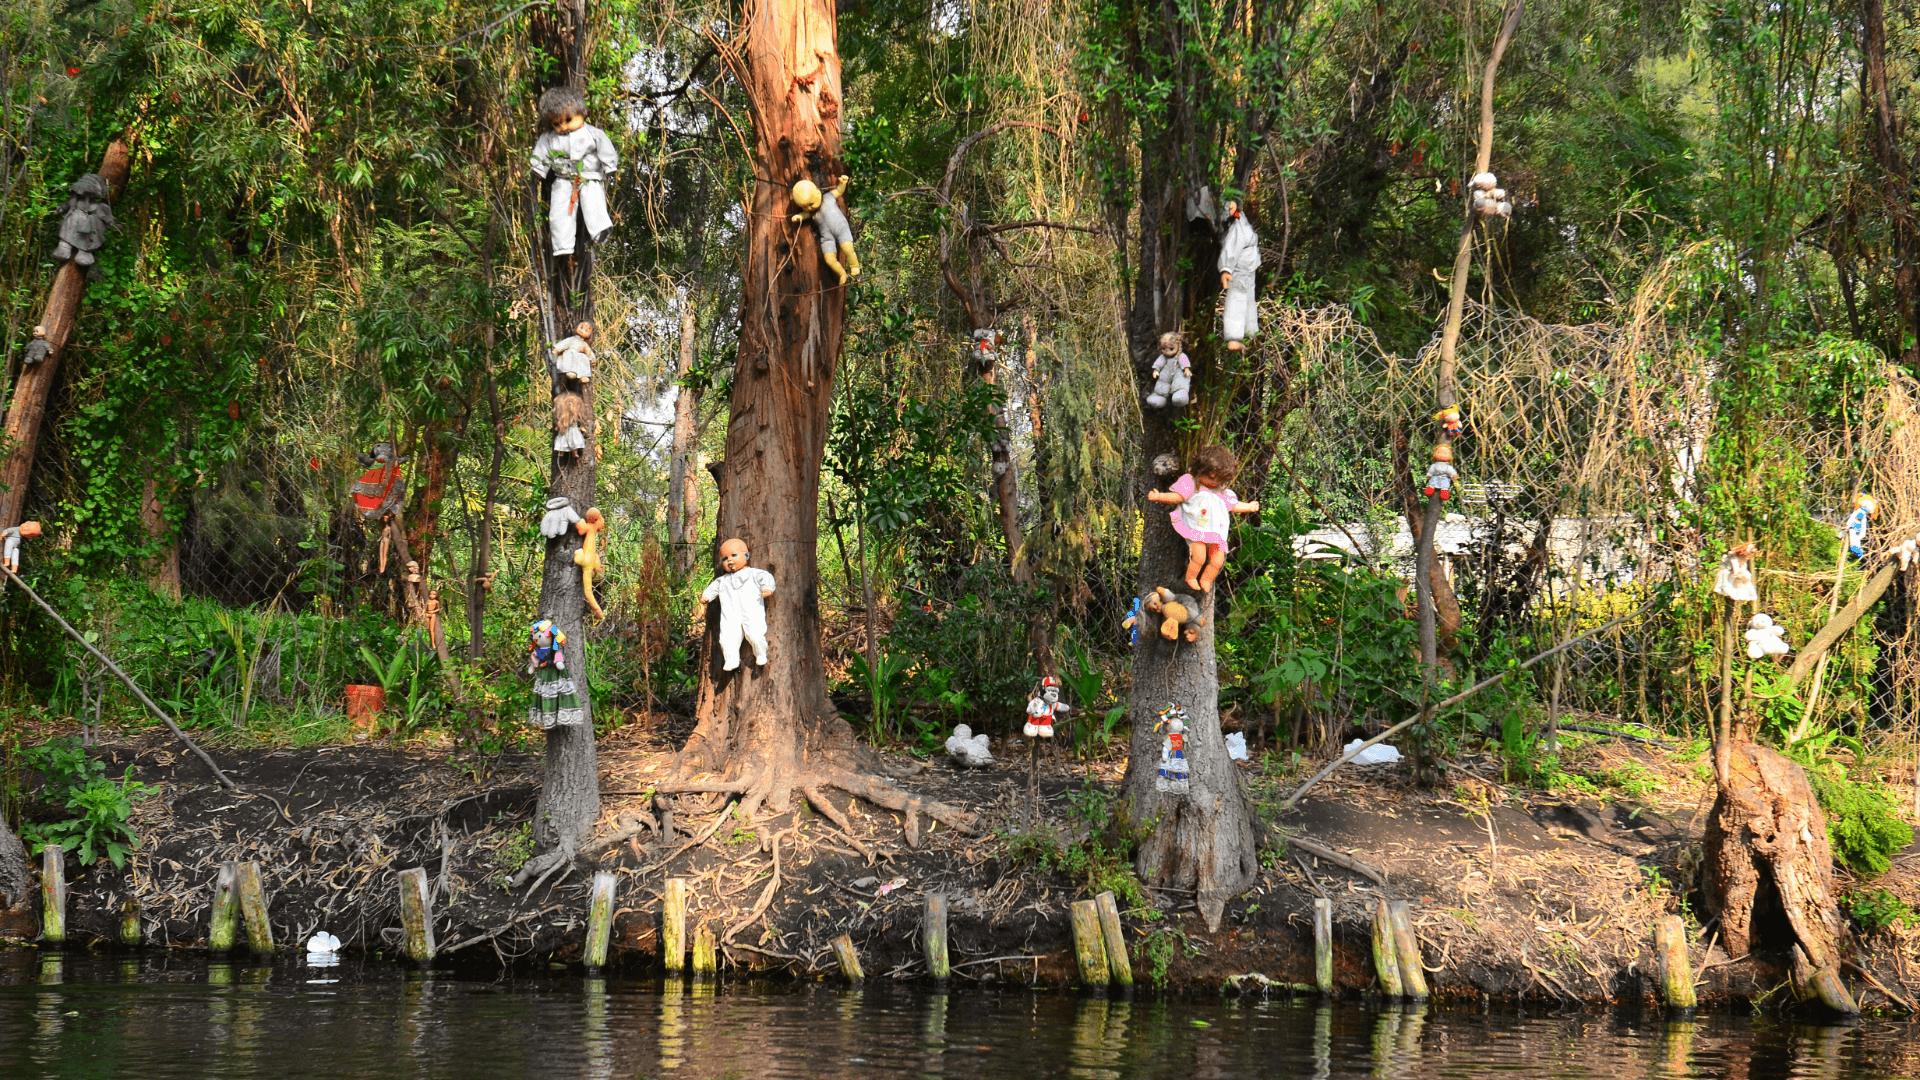 Oyuncak Bebekler Adası, La İsla De Las Munecas, Mexico City